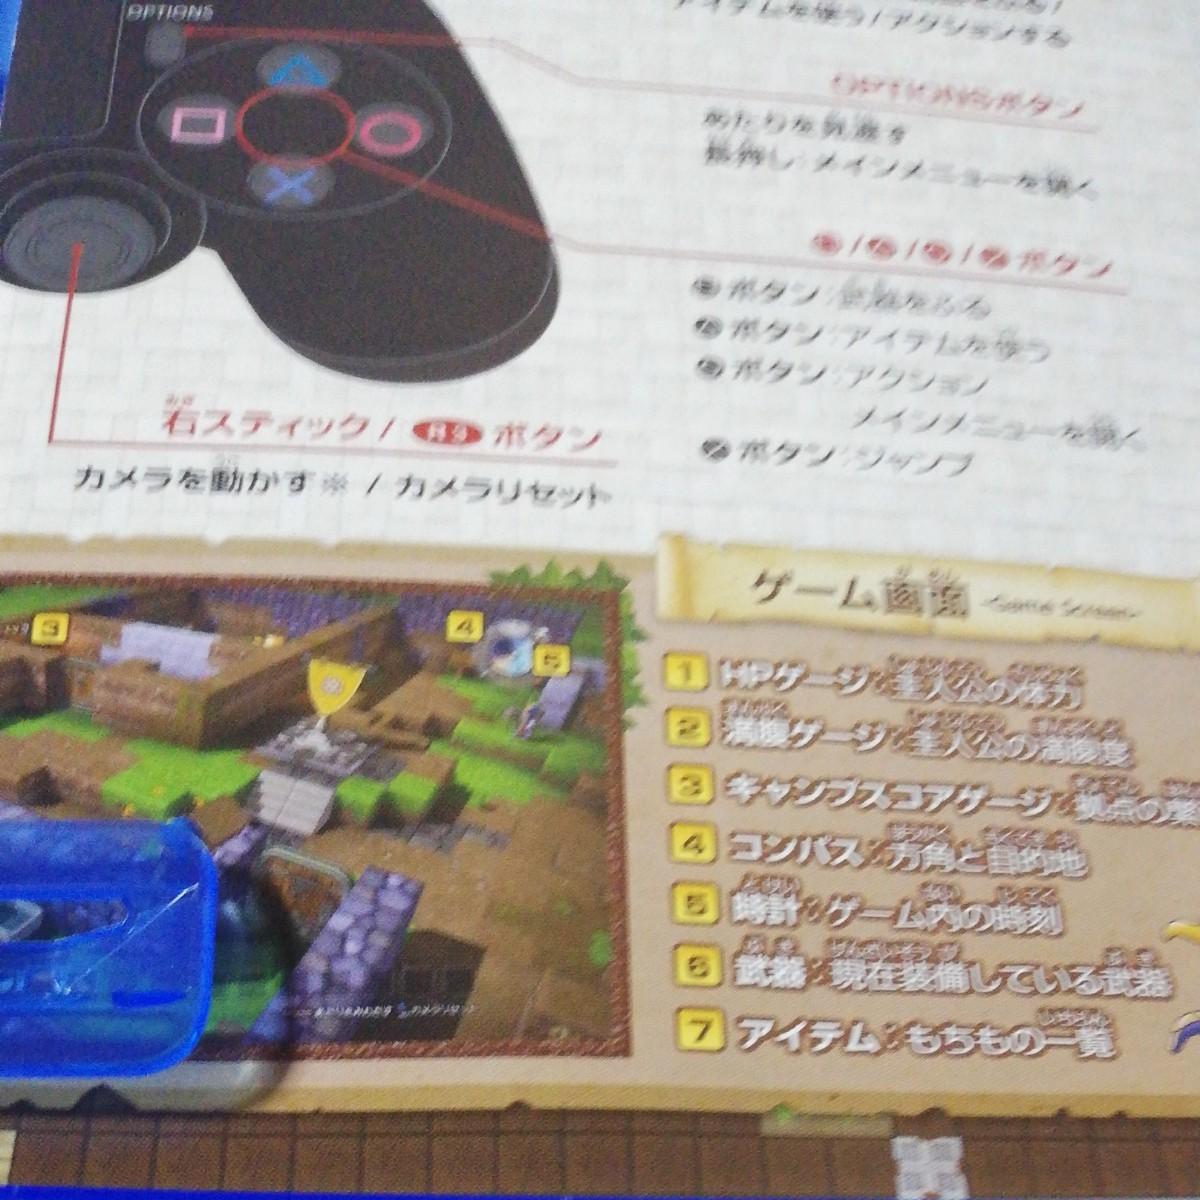 【PS4】 ドラゴンクエストビルダーズ アレフガルドを復活せよ [通常版]